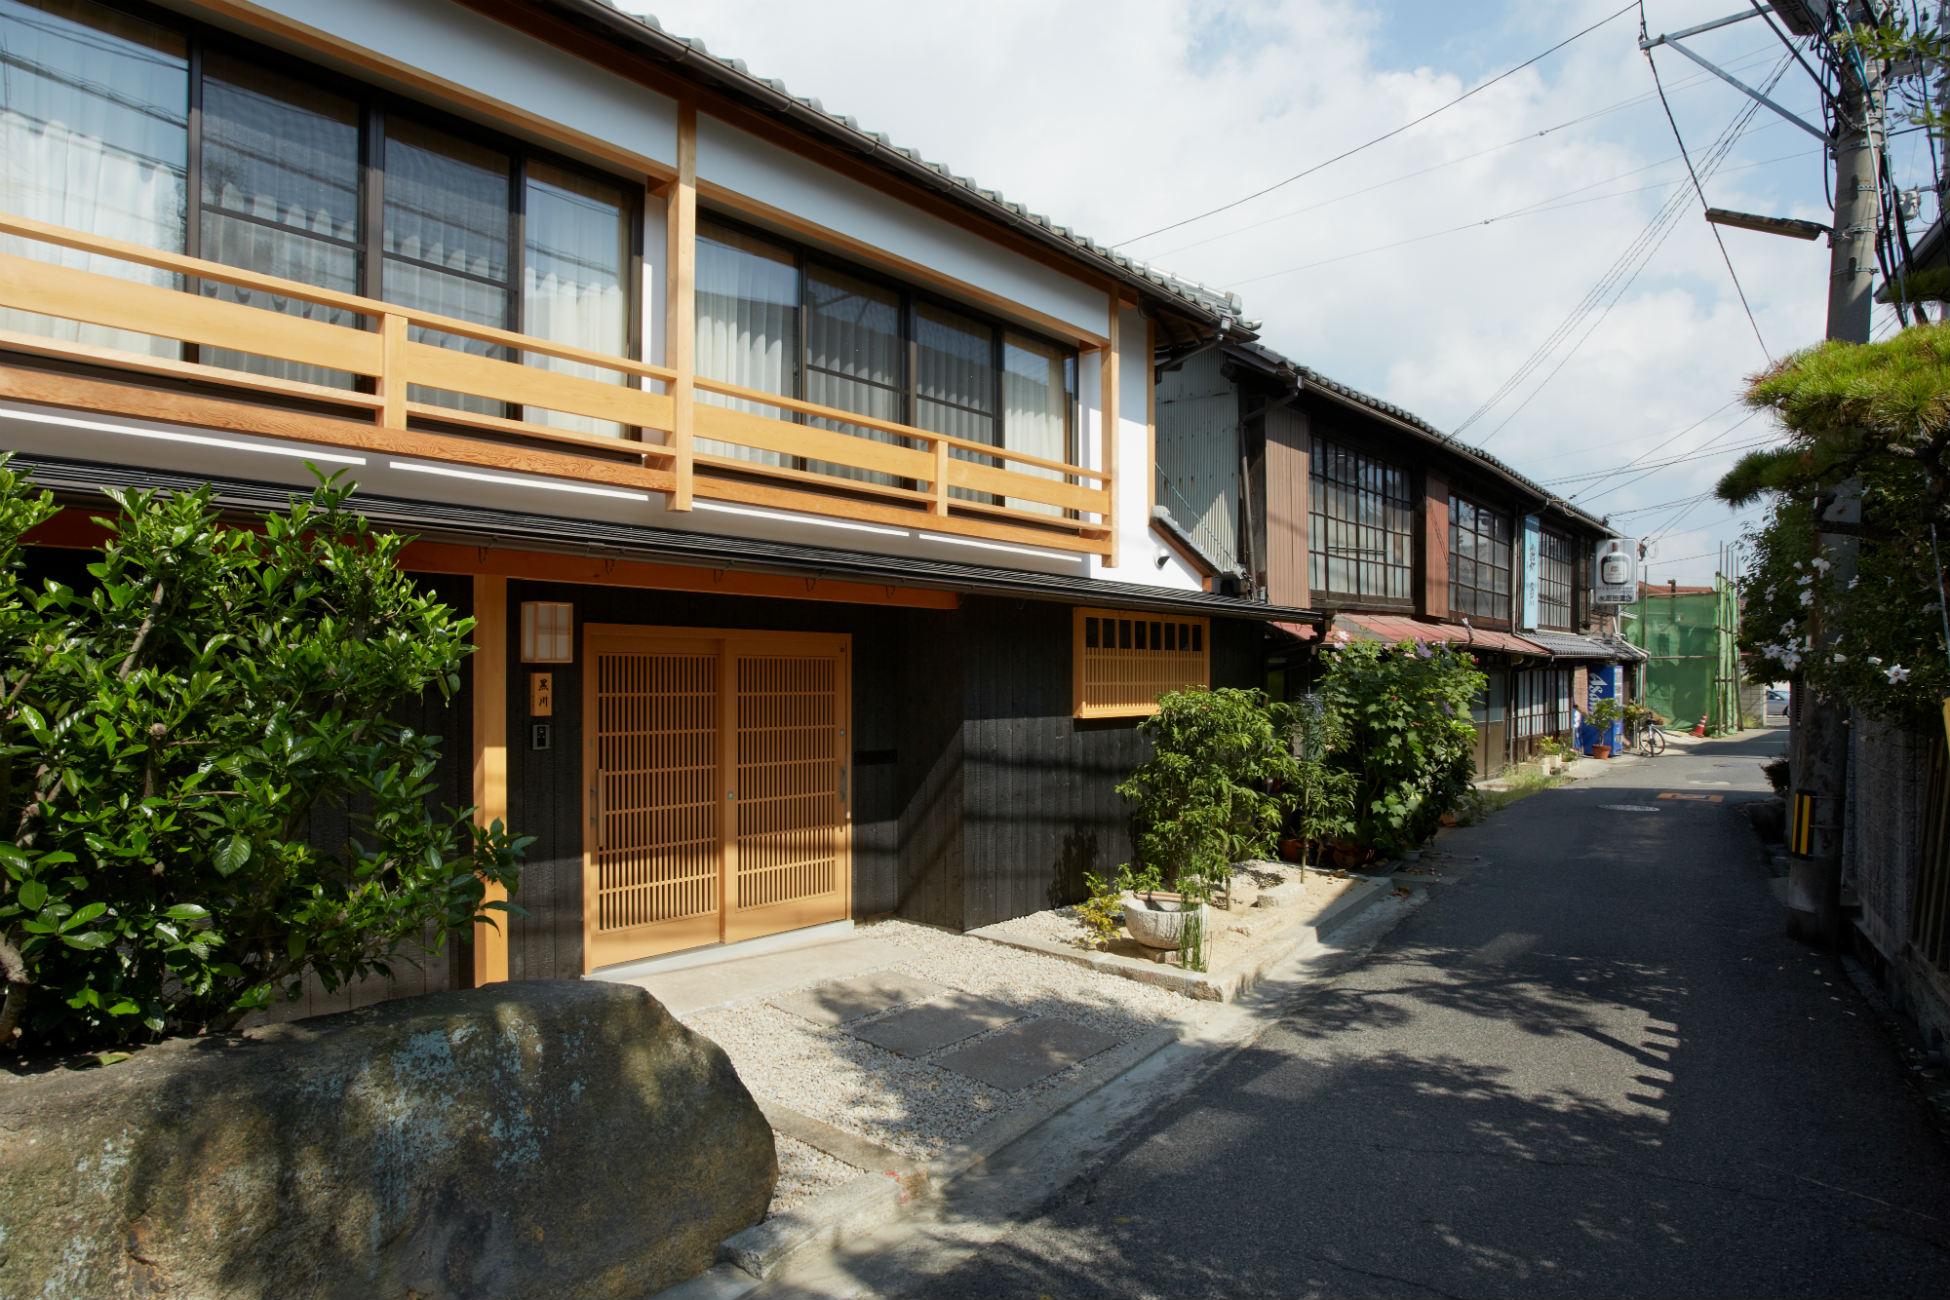 株式会社なんば建築工房『どの部屋からも庭が見渡せる空間』